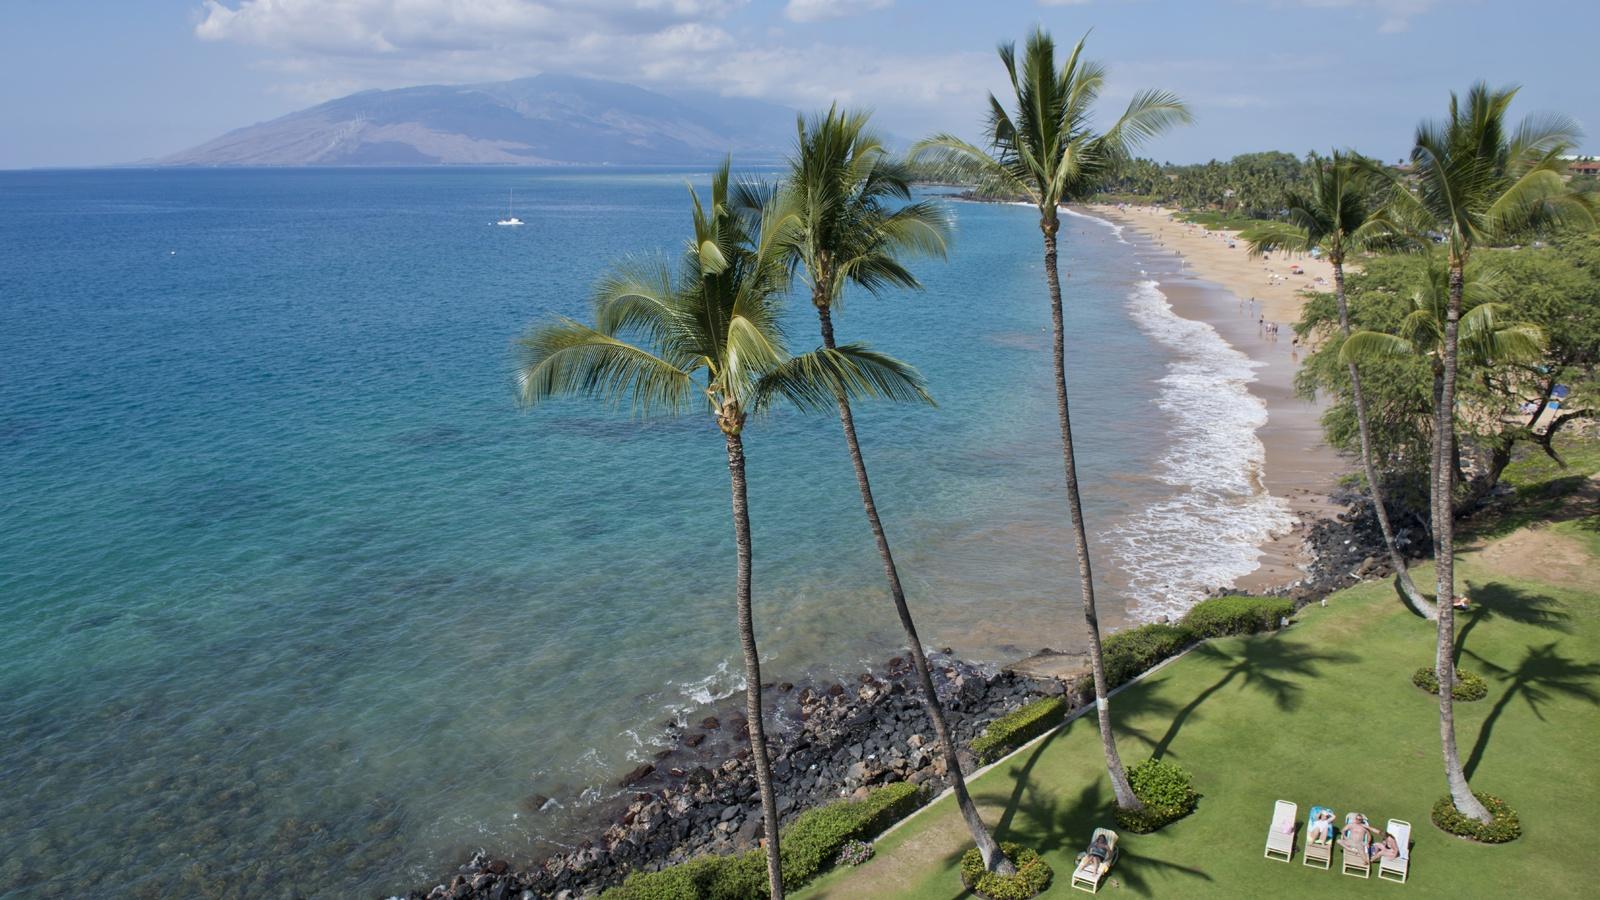 An aerial photo of a beach in Hawaii